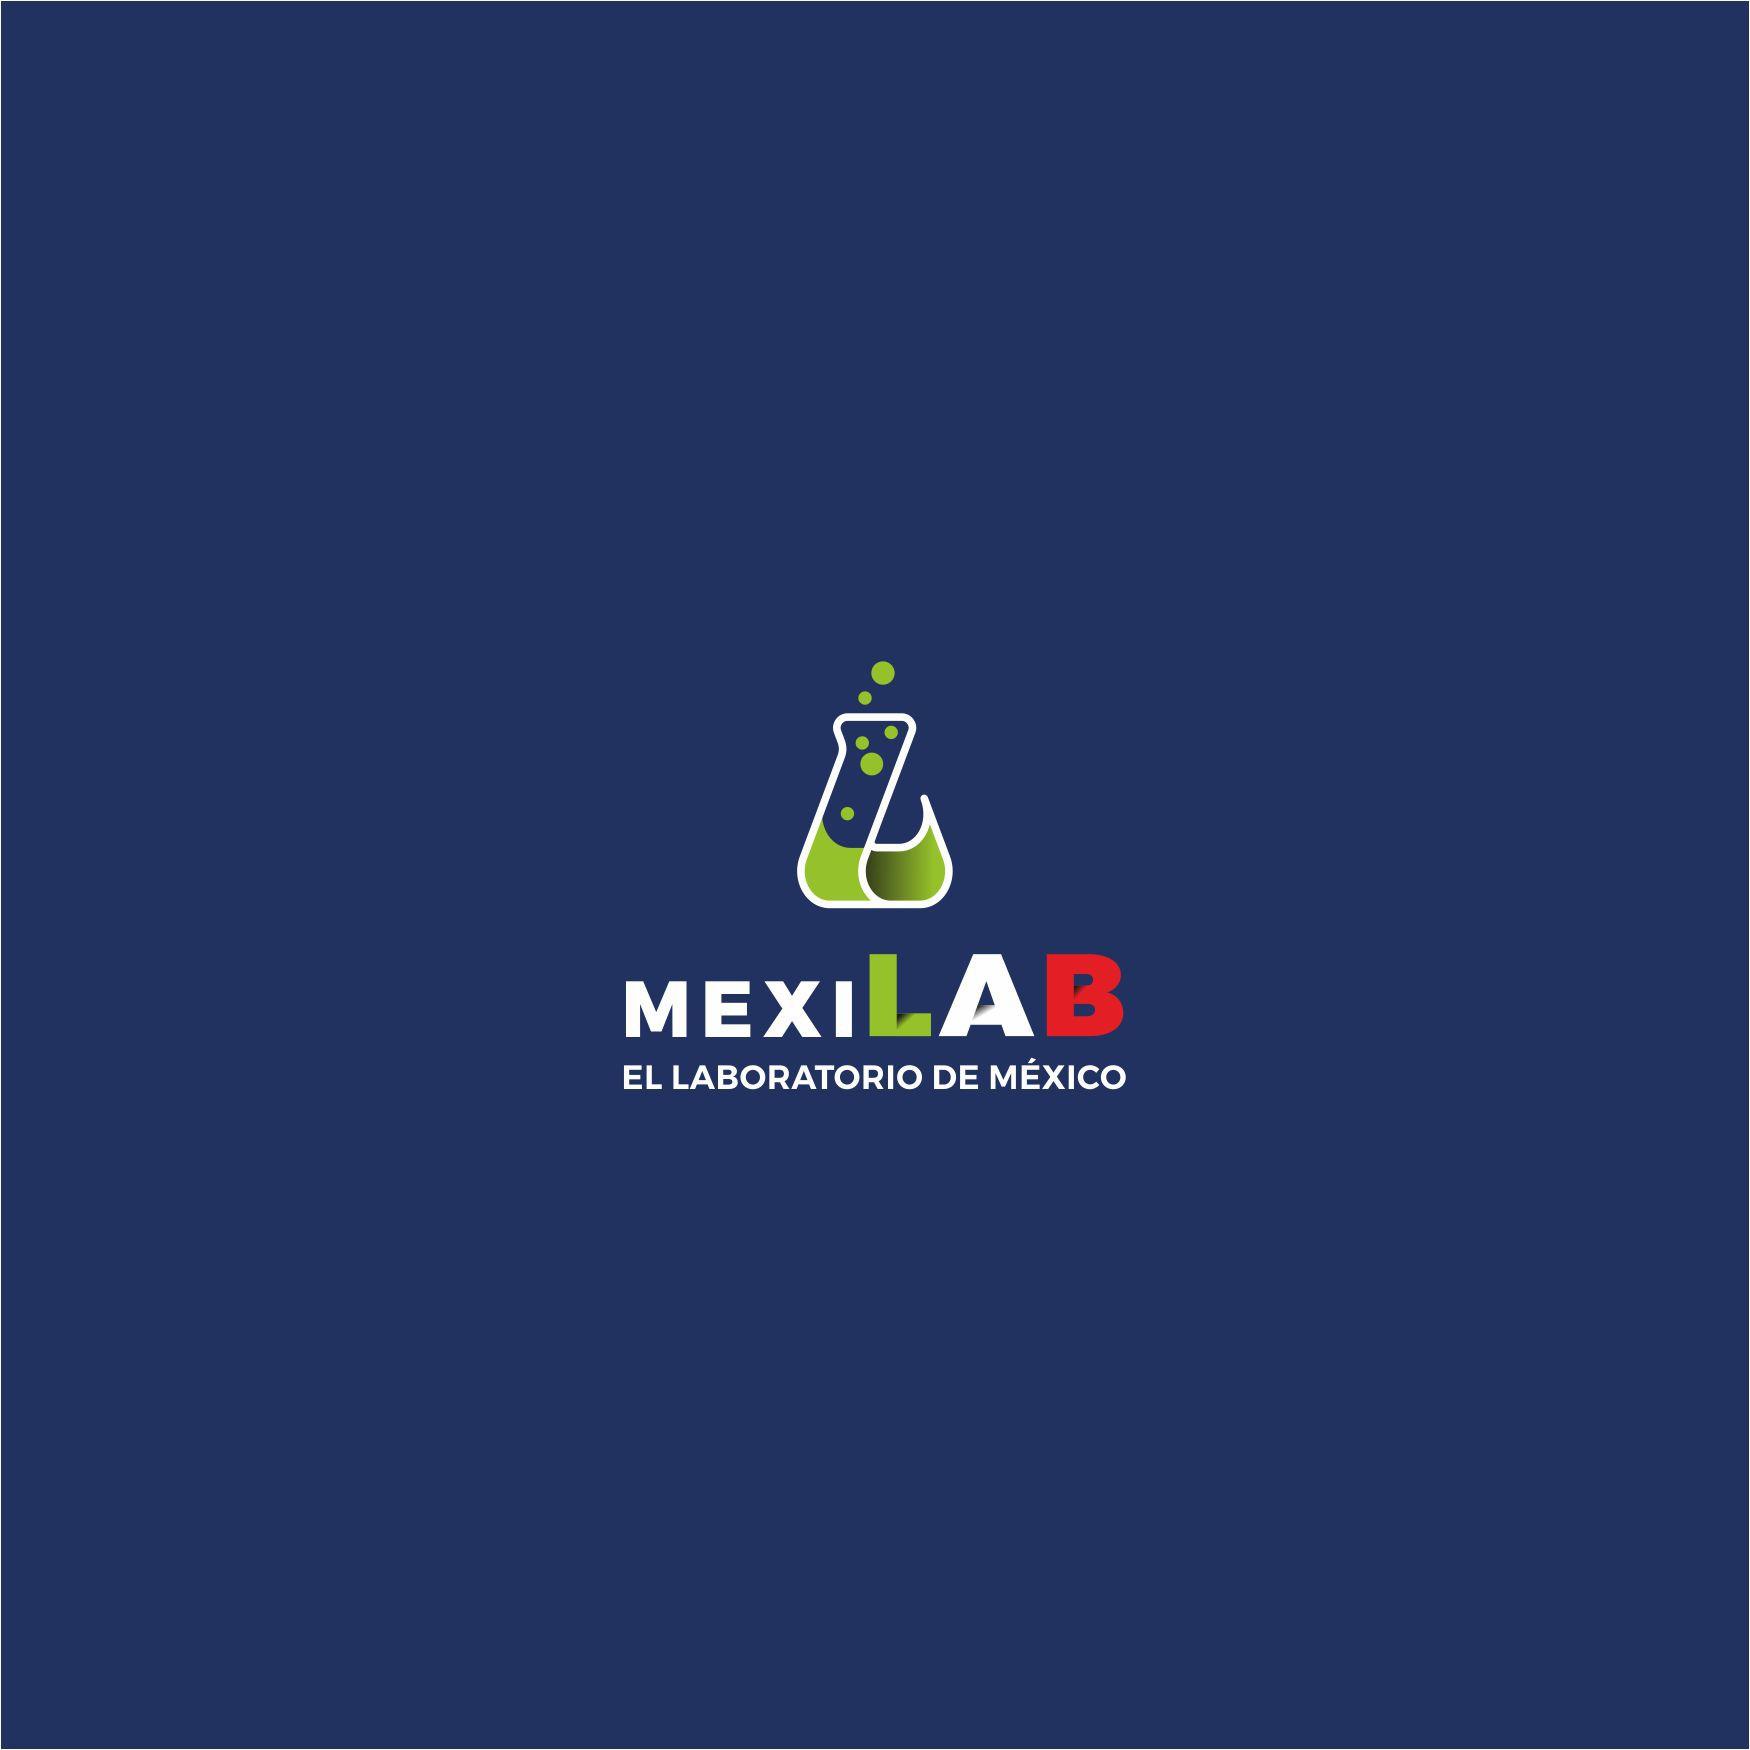 Laboratorio mexicano necesita un logotipo